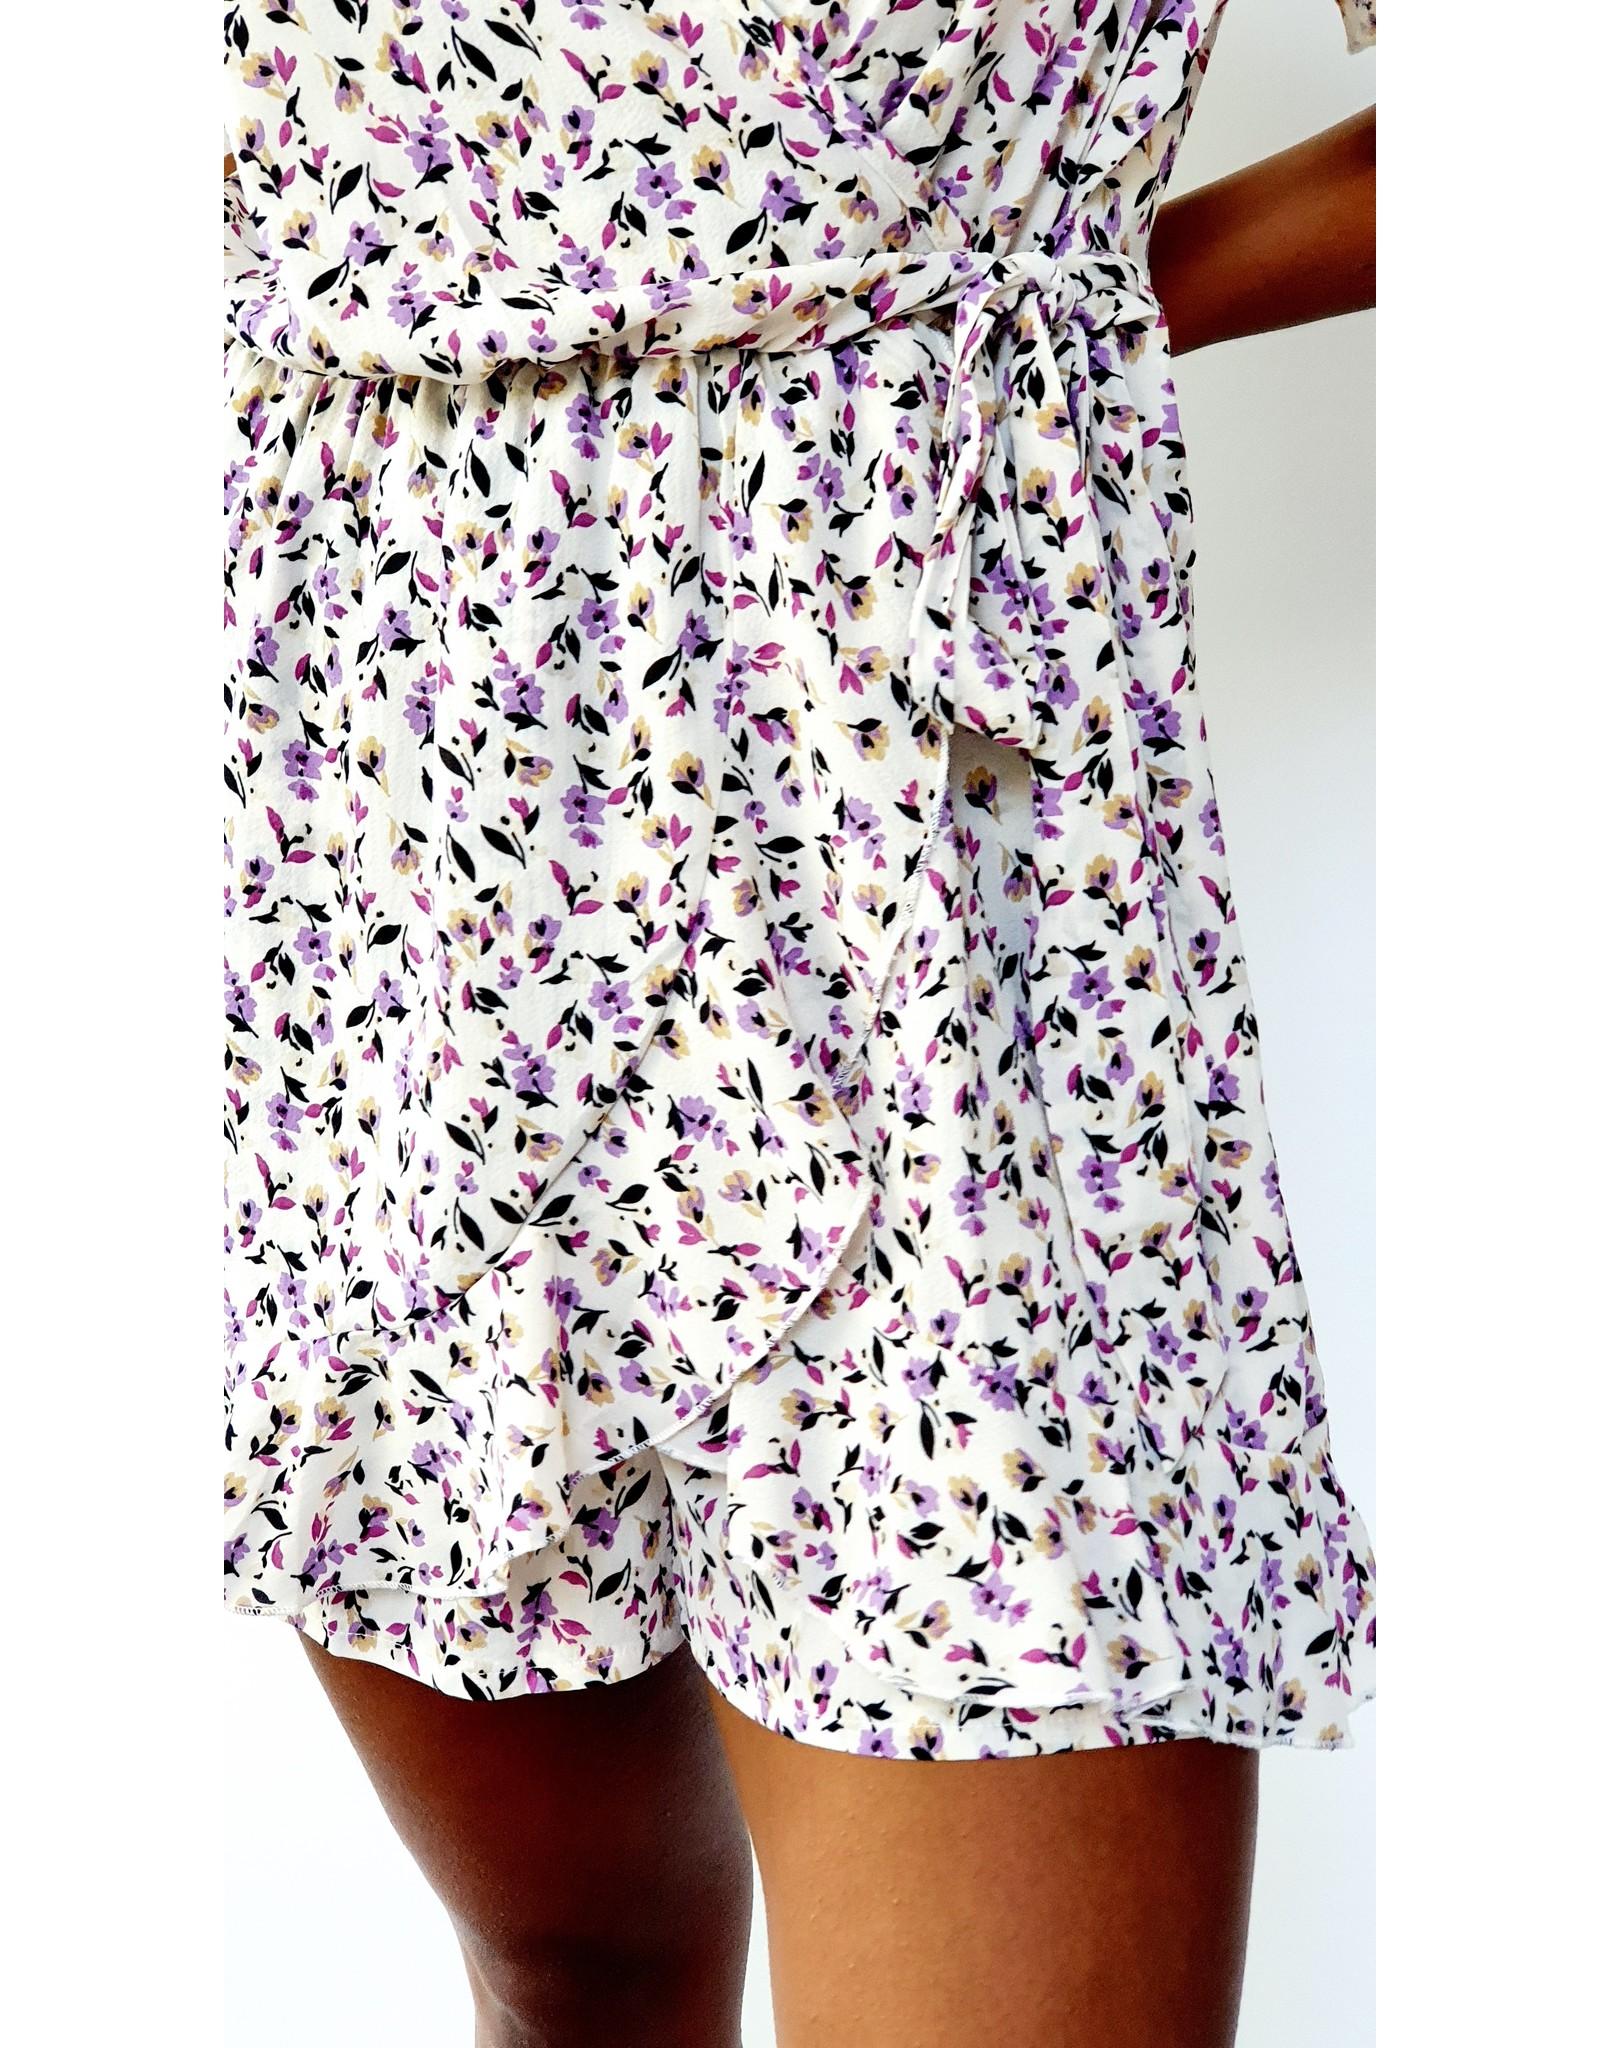 Thé lilac flower playsuit